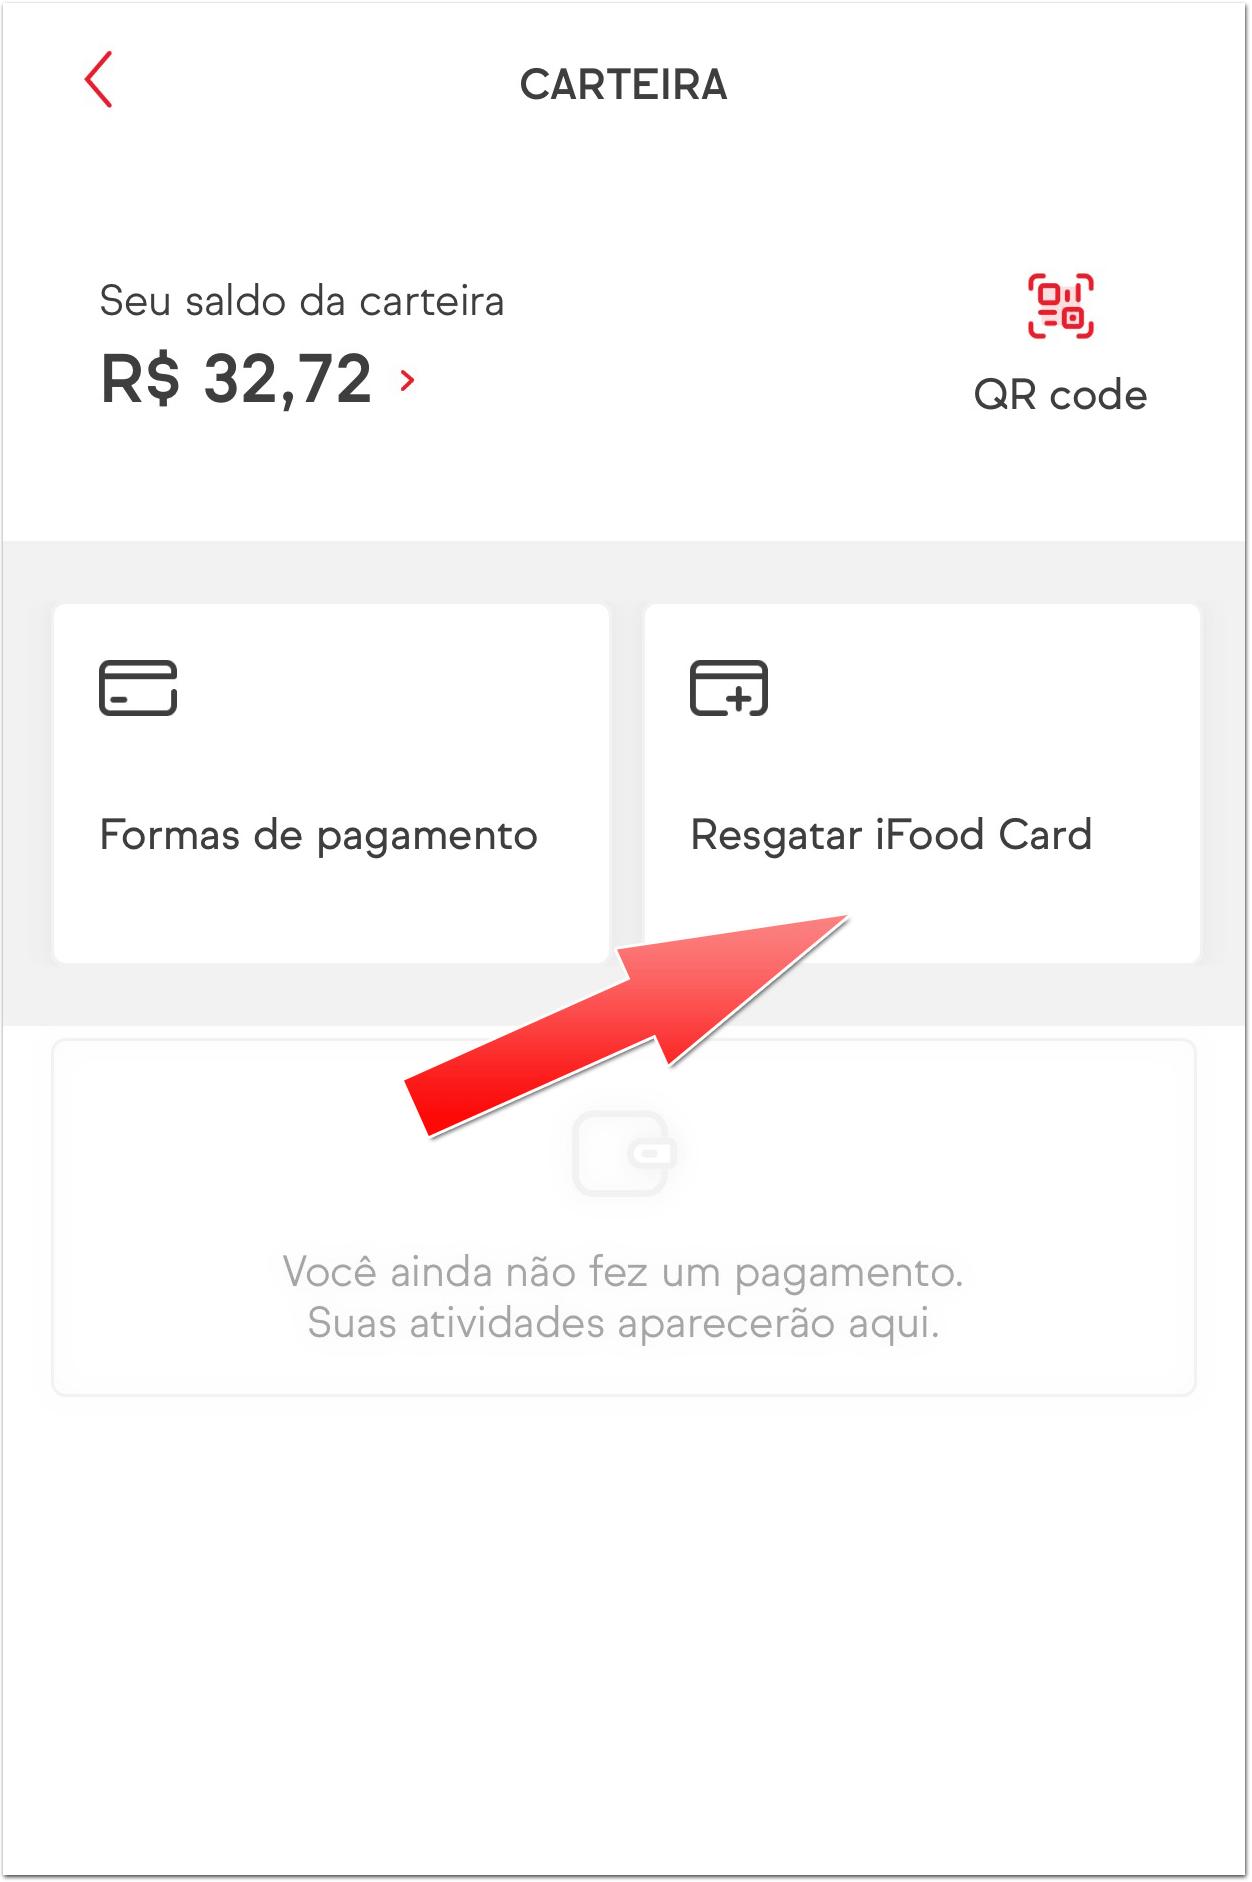 surpreenda6 Veja como ganhar um voucher de R$25 no iFood com o Mastercard Surpreenda